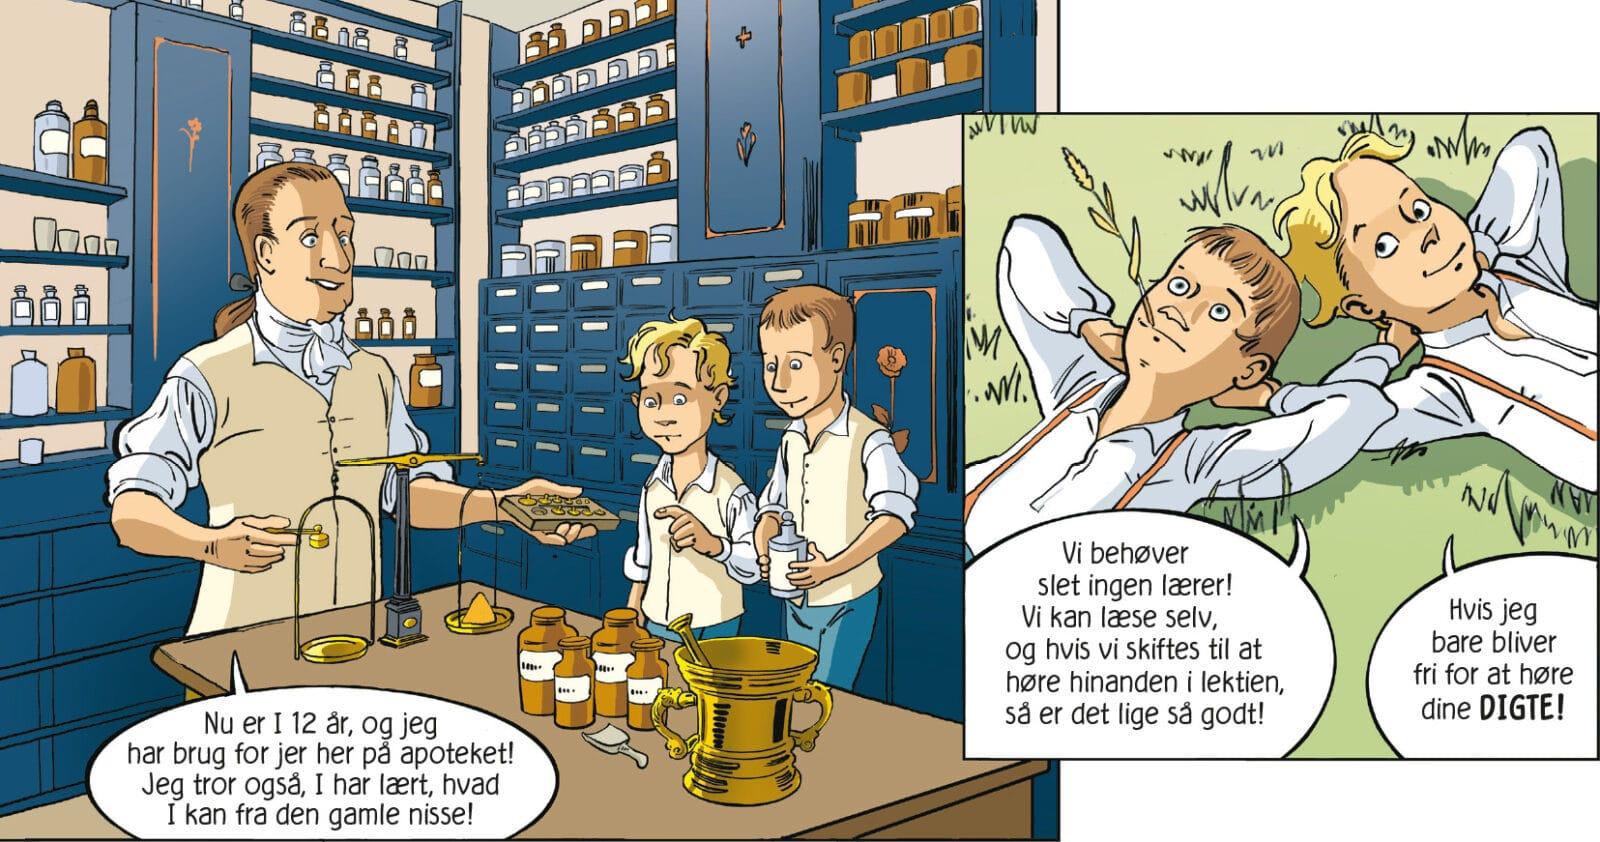 brødrene Ørsted Anders Sandøe Ørsted Hans Christian Ørsted HC Ørsted tegneserier tegneserie om Ørsted